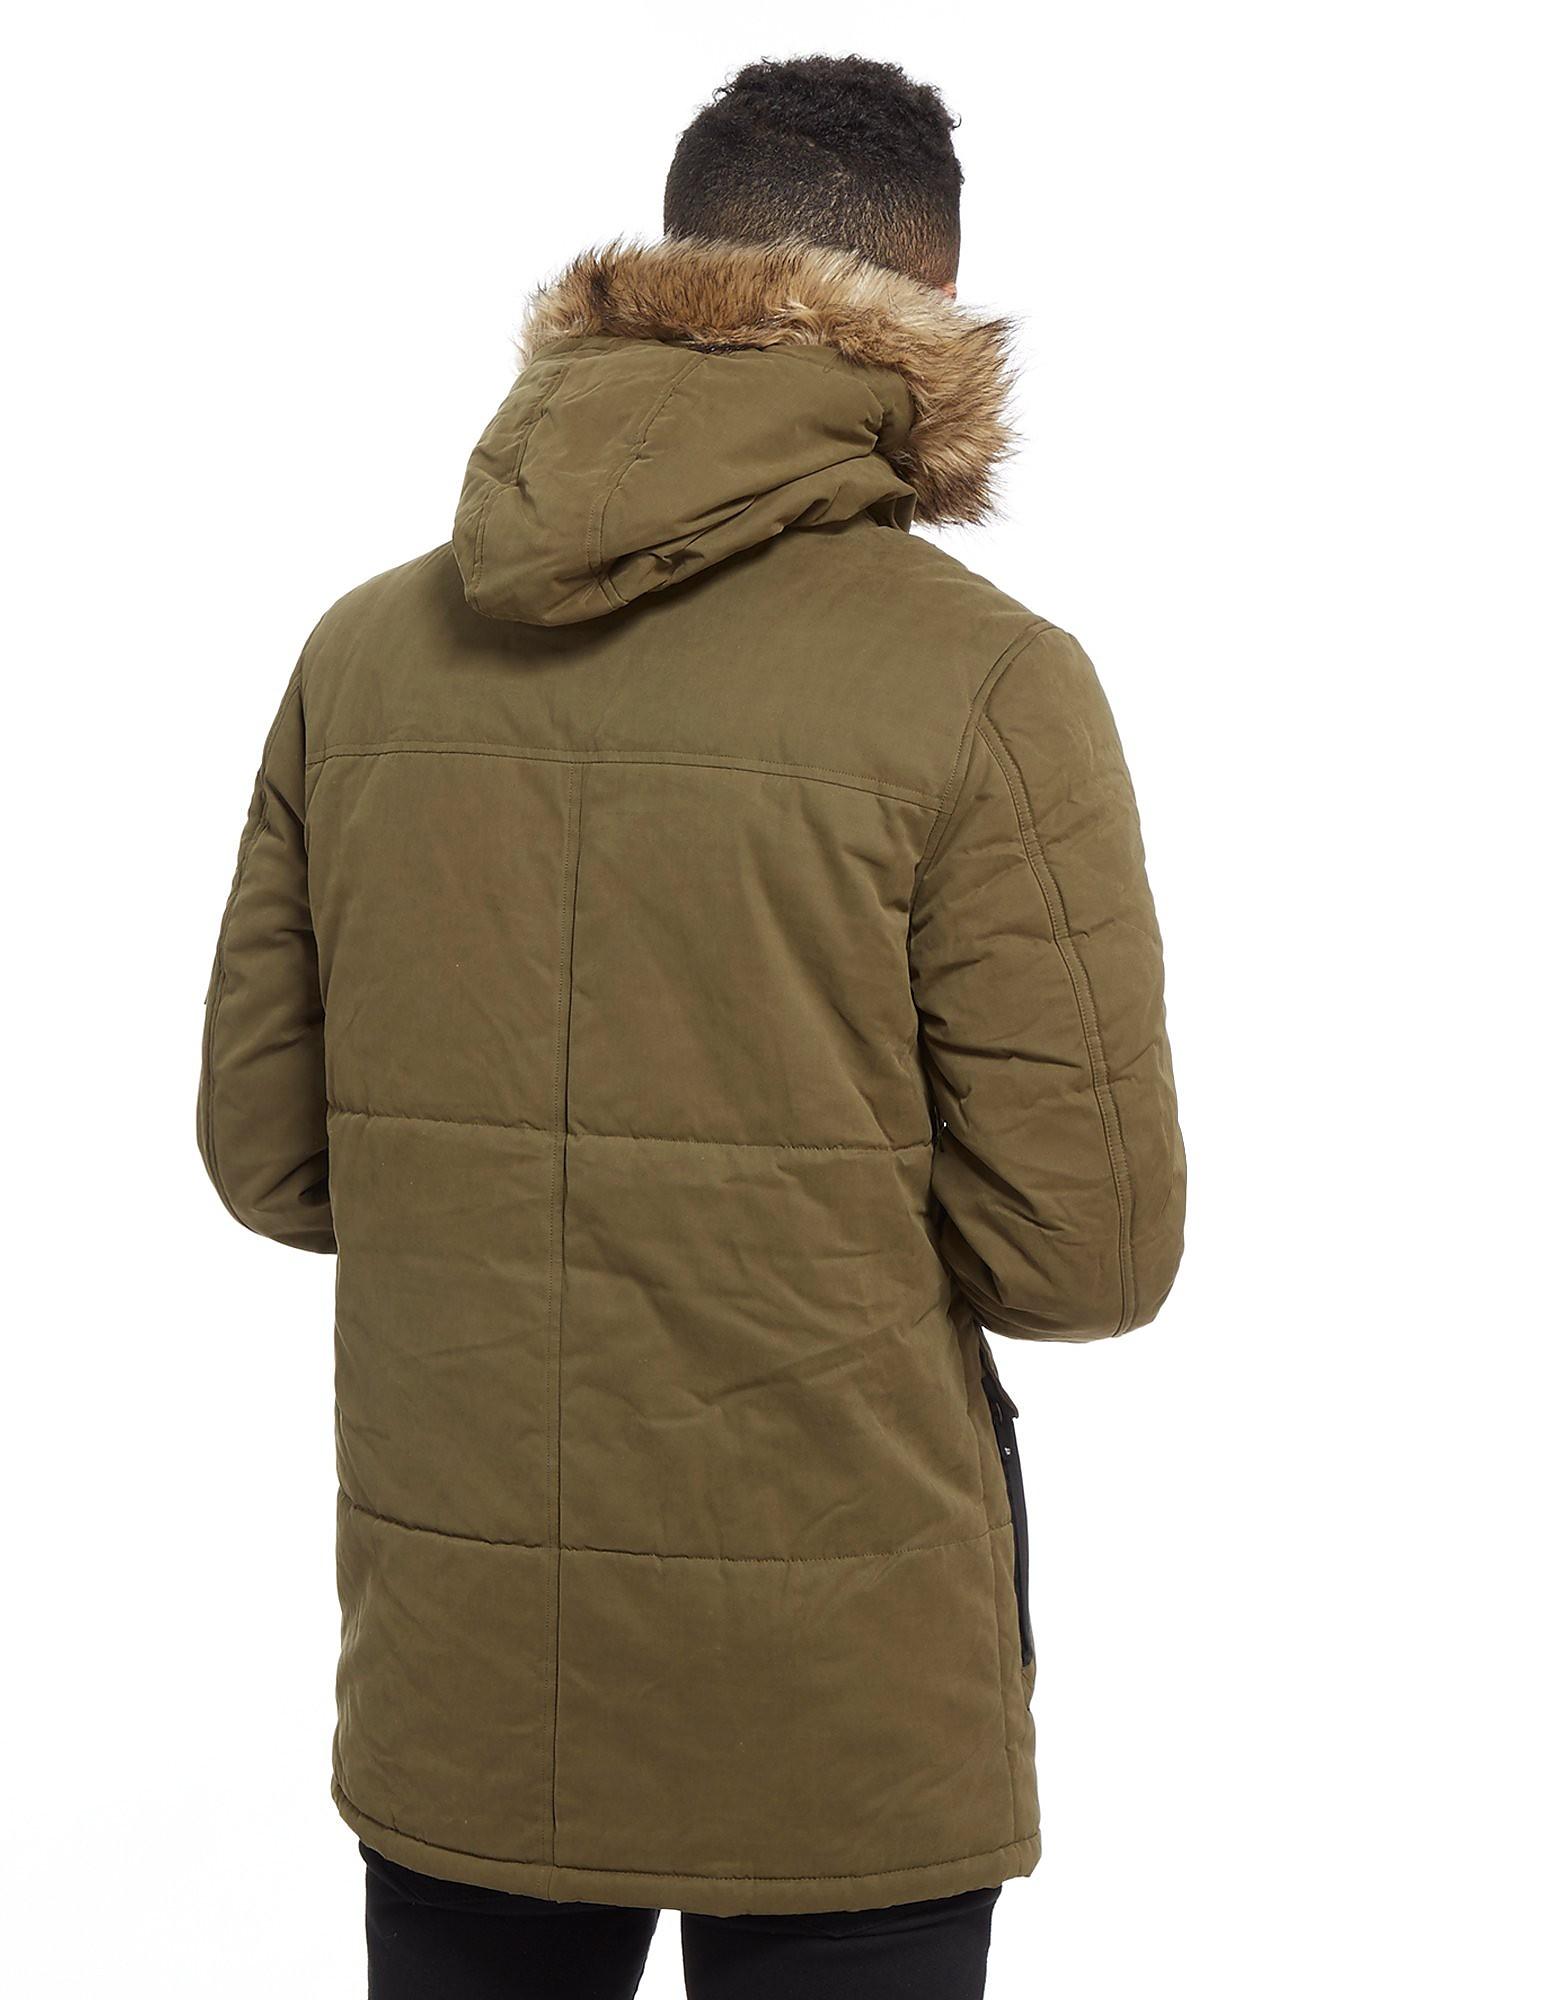 Nanny State Gunnar Parka Jacket